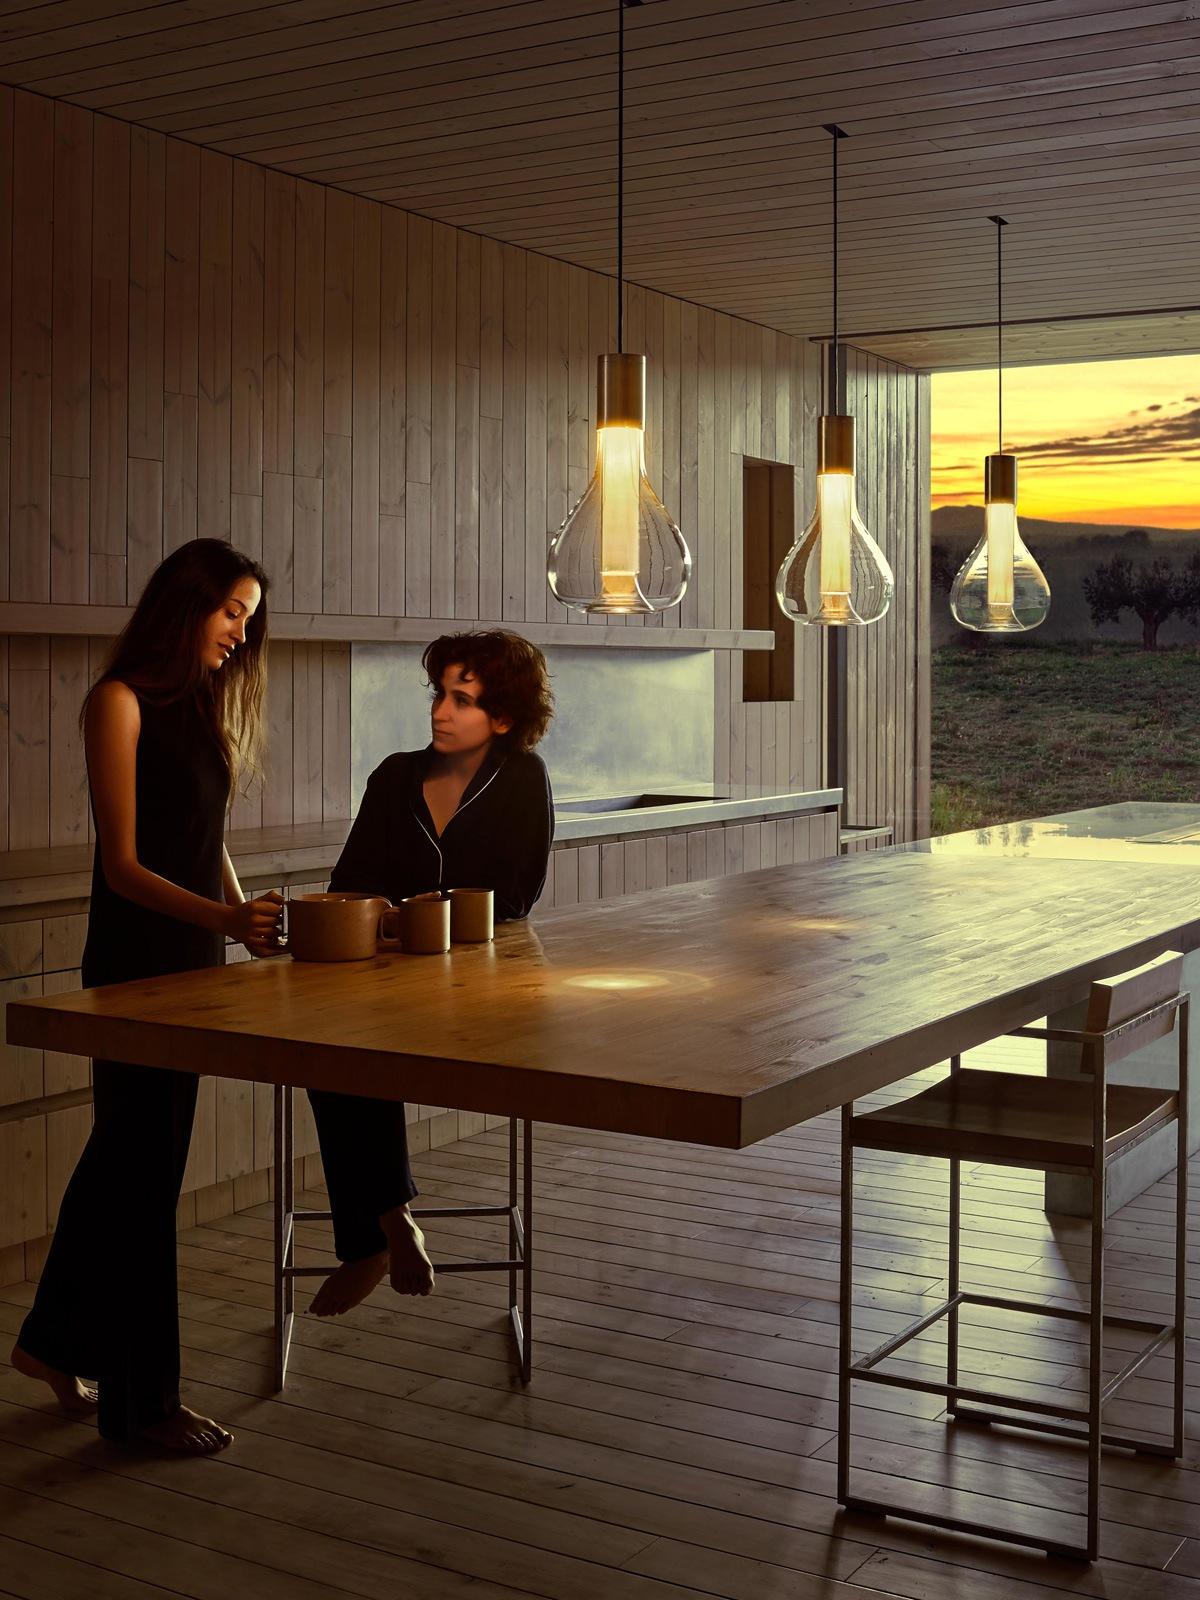 Designort Blog: Eris Pendelleuchte Holz Metall Glas Designort Lampen Berlin Onlineshop Designerleuchten